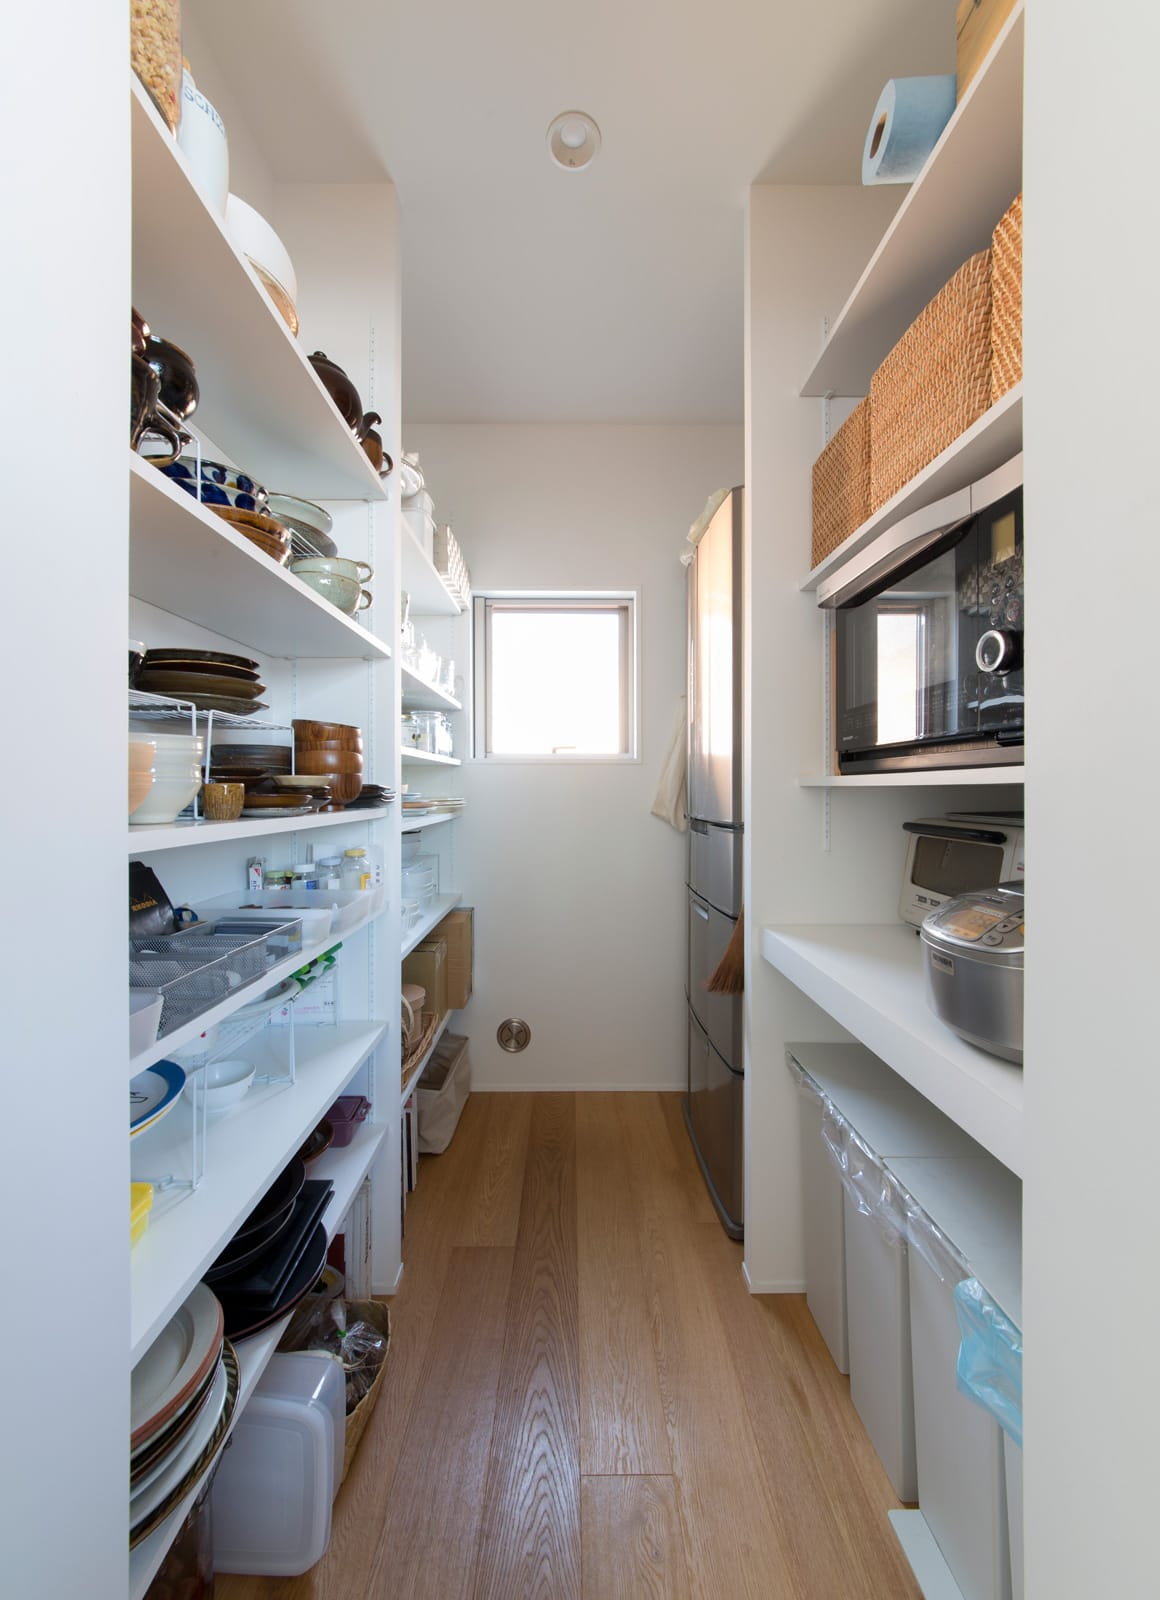 塩屋 No.1 ハウスの収納(キッチン)1